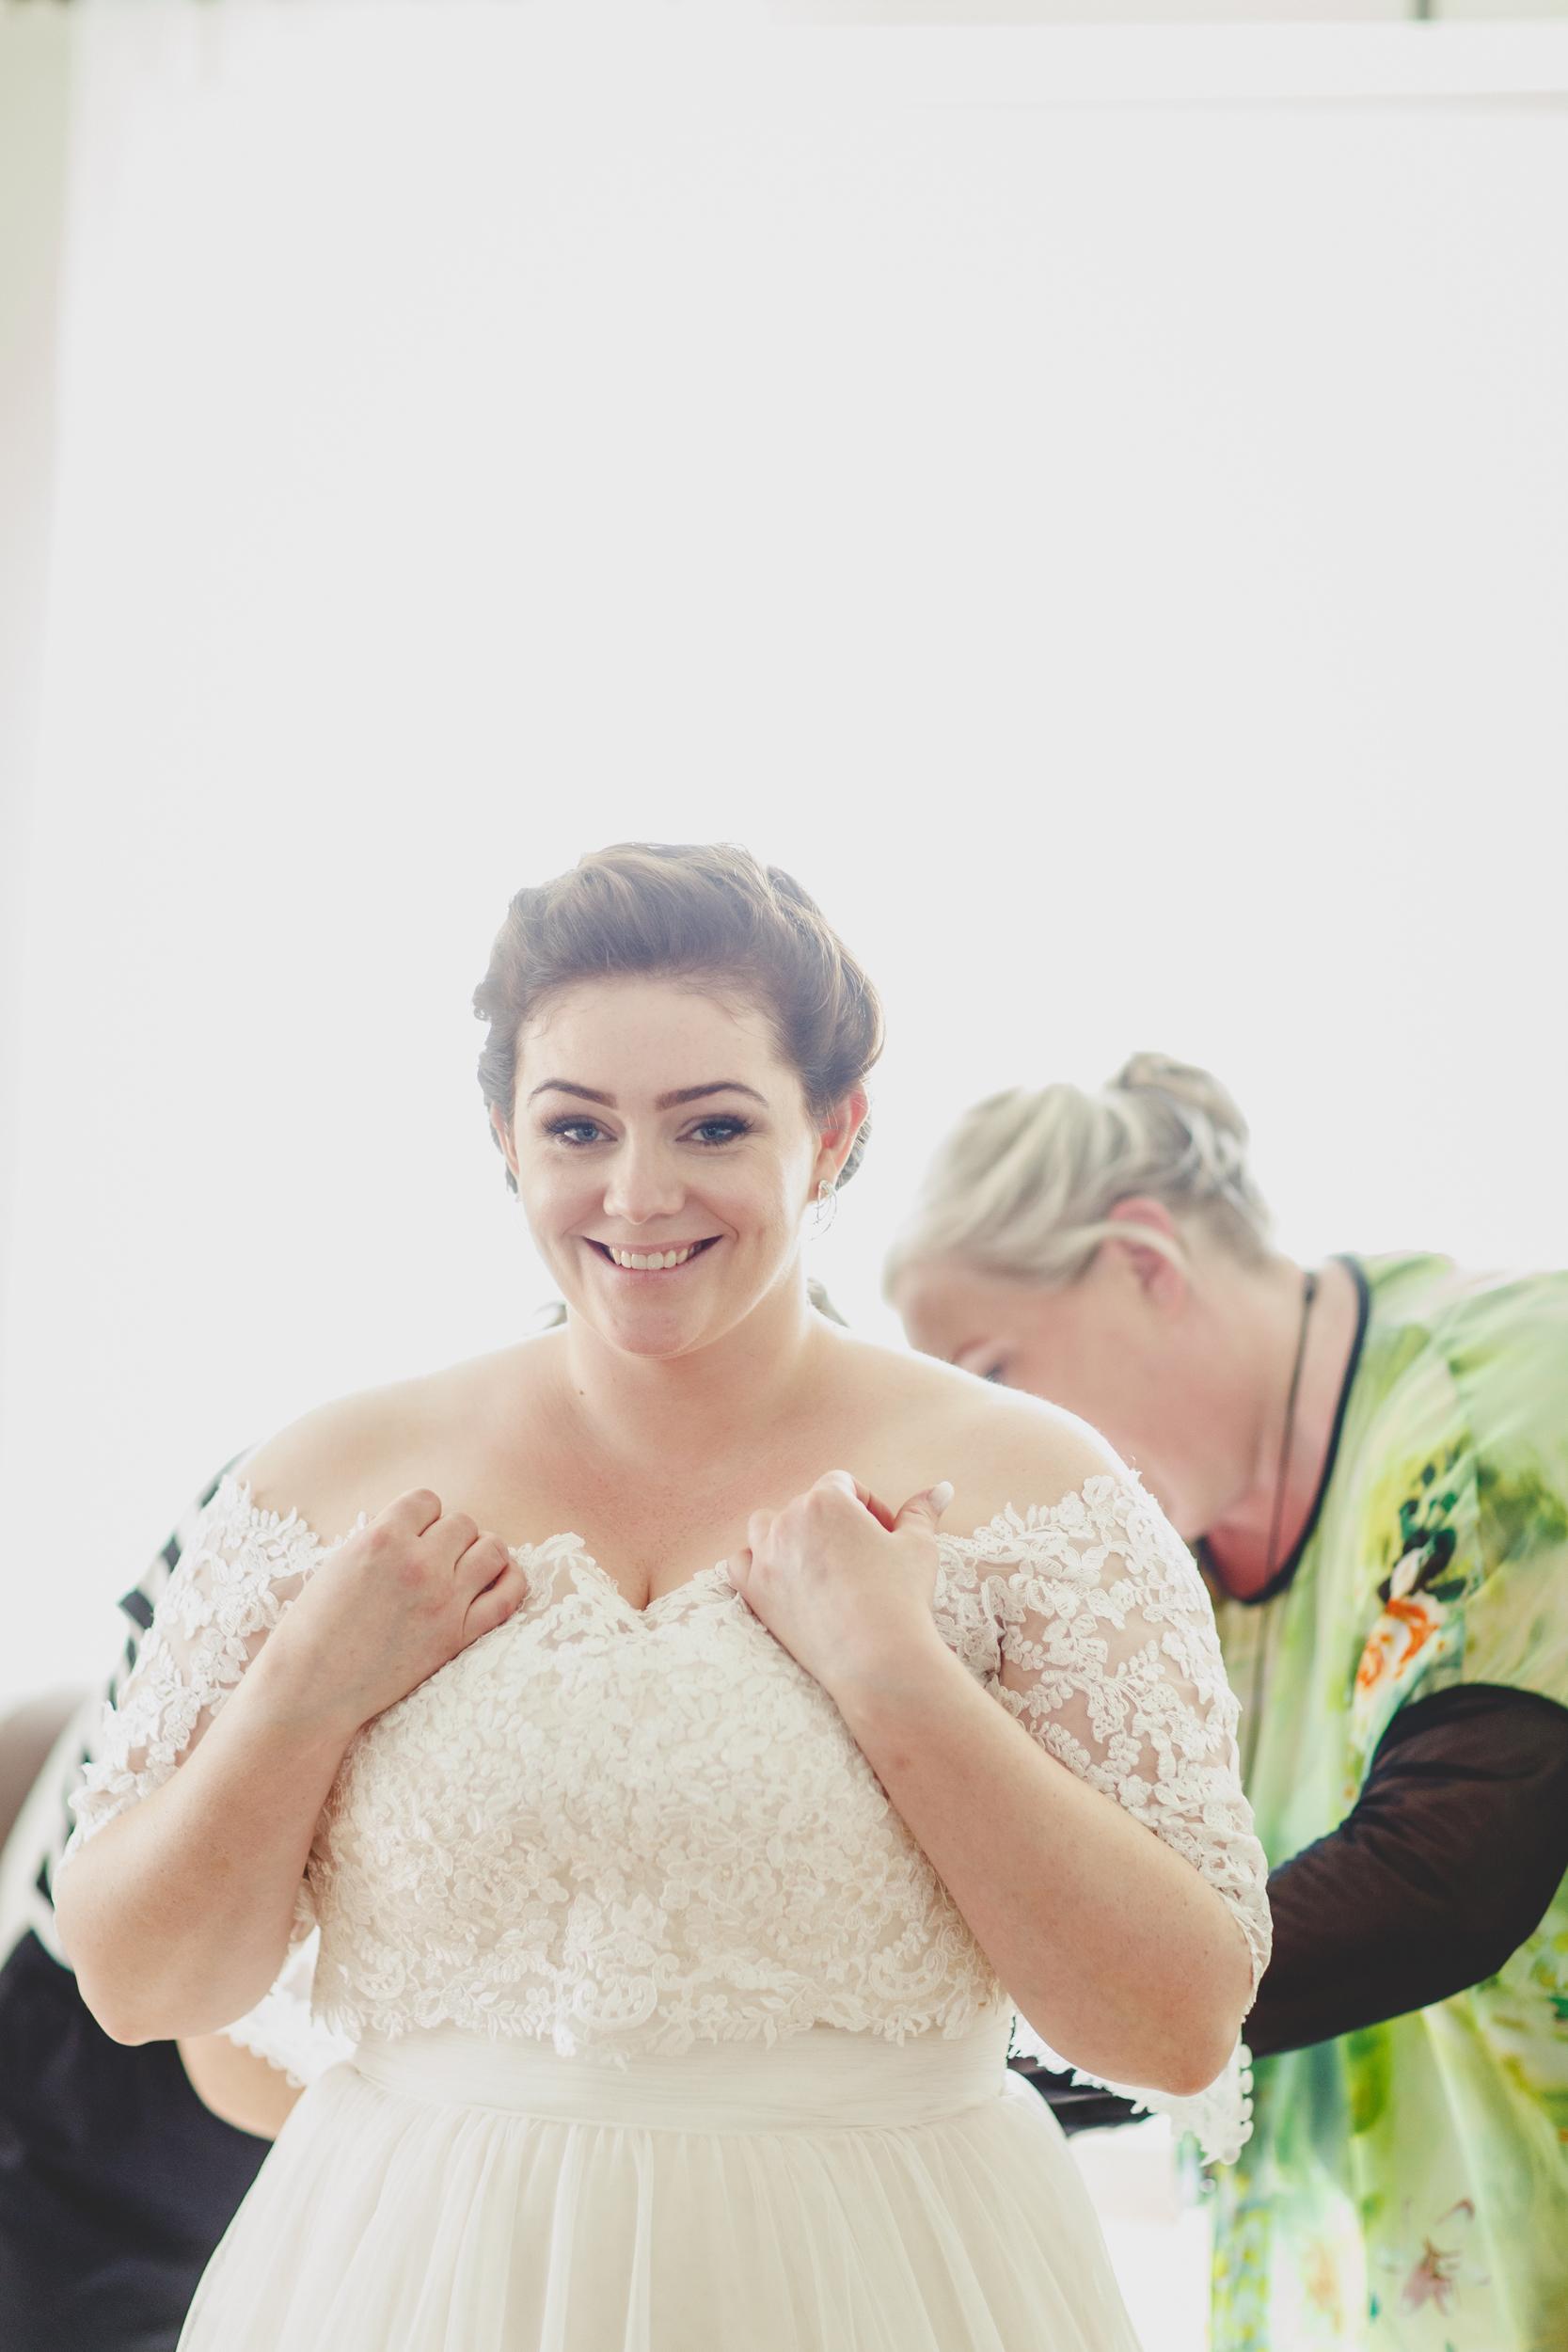 Brudkaup01-125.jpg